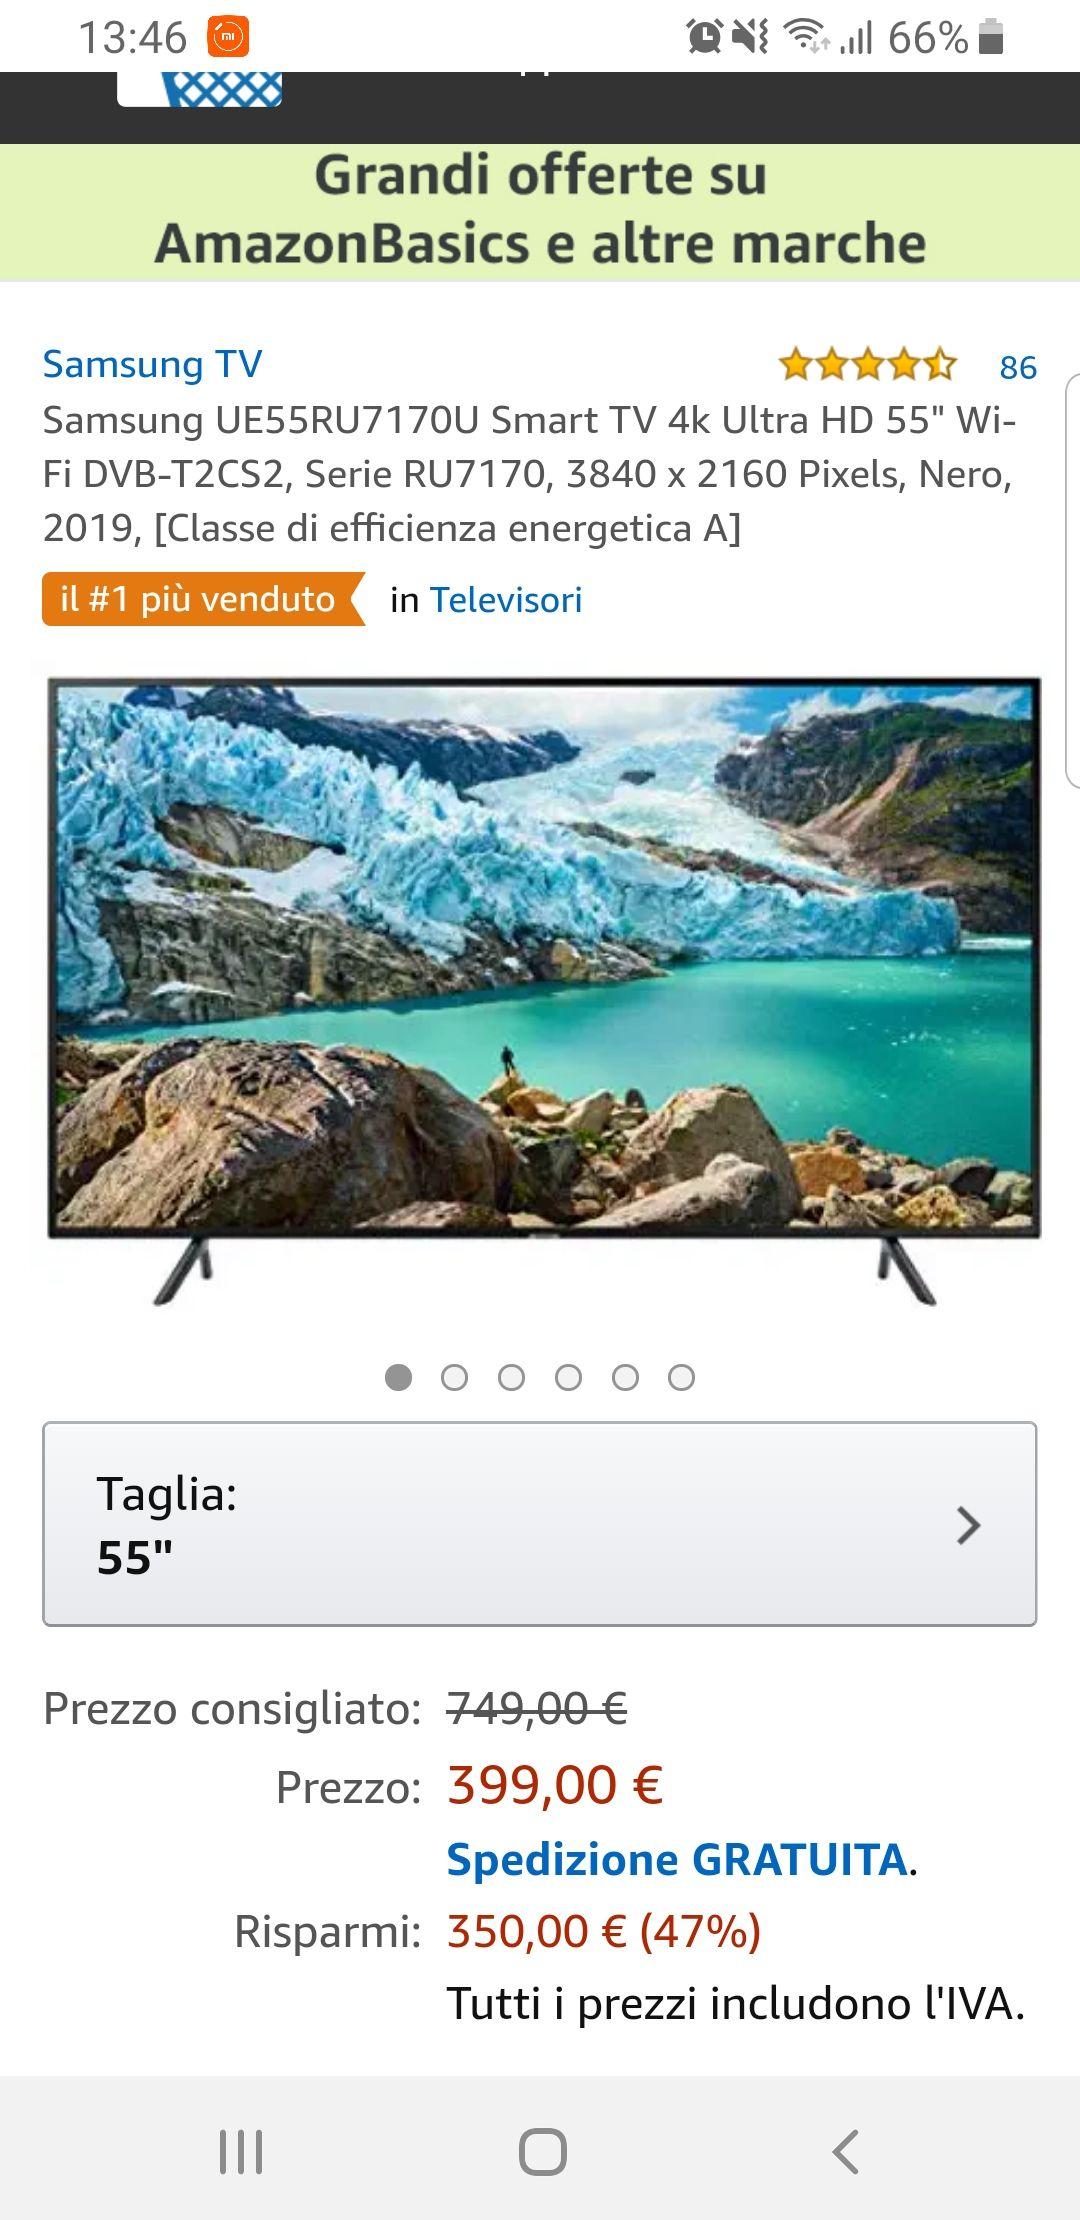 Samsung Smart Tv 4k Ue55ru7170u